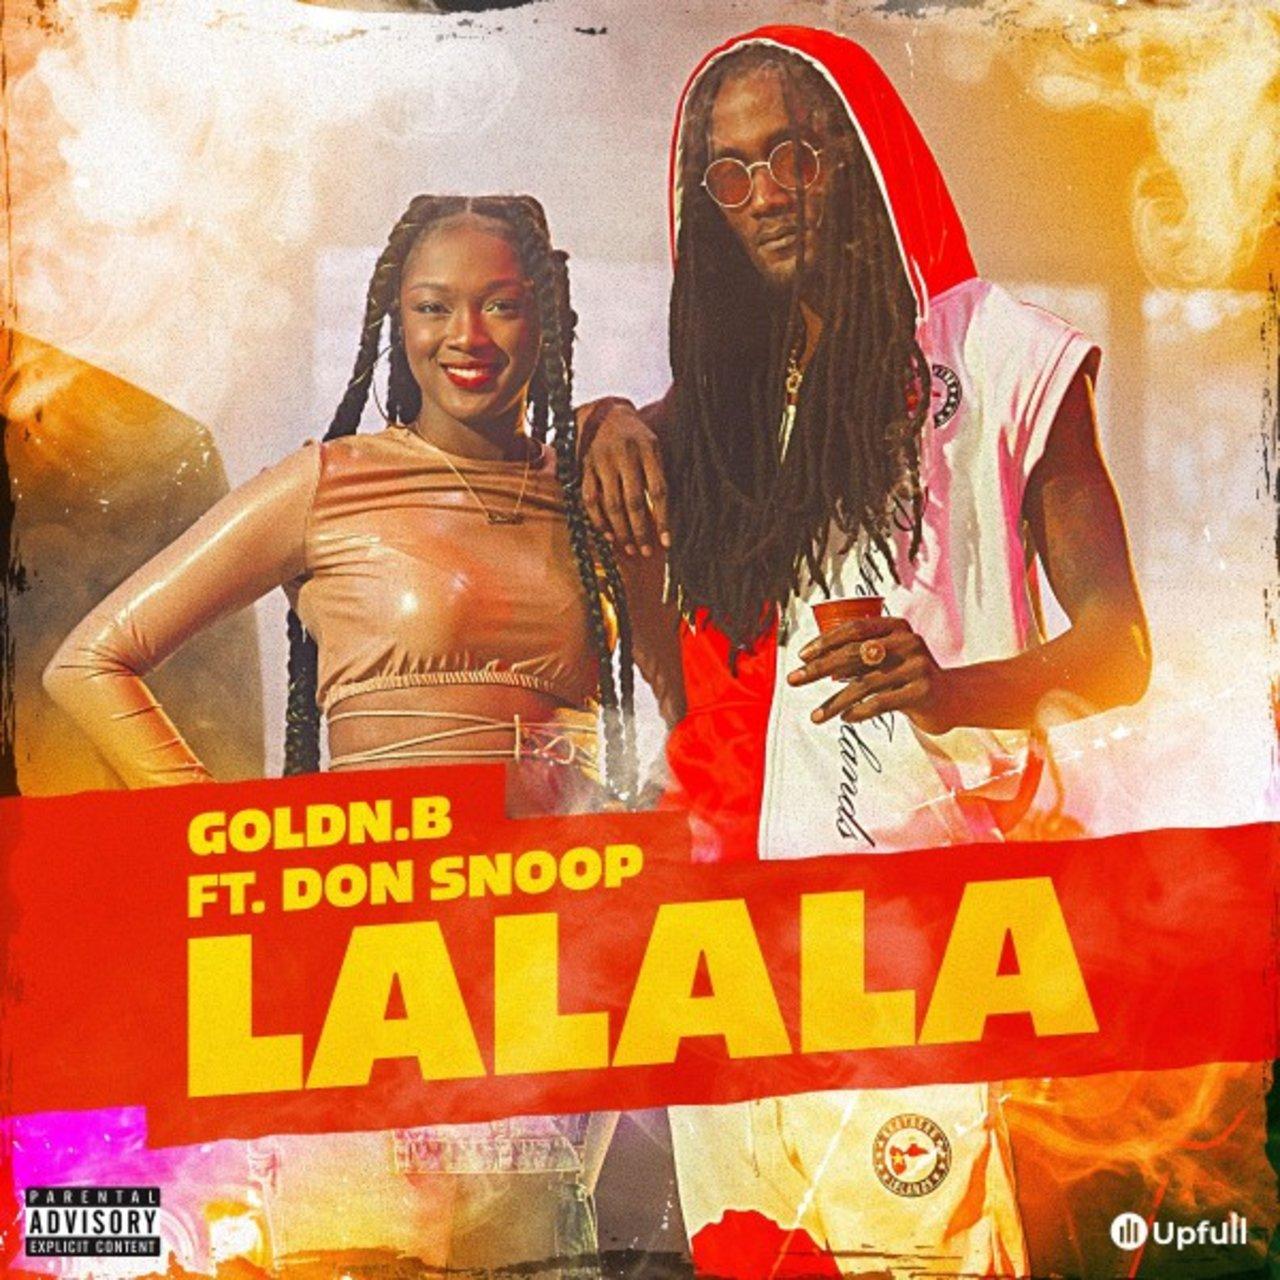 Goldn.B - Lalala (ft. Don Snoop) (Cover)